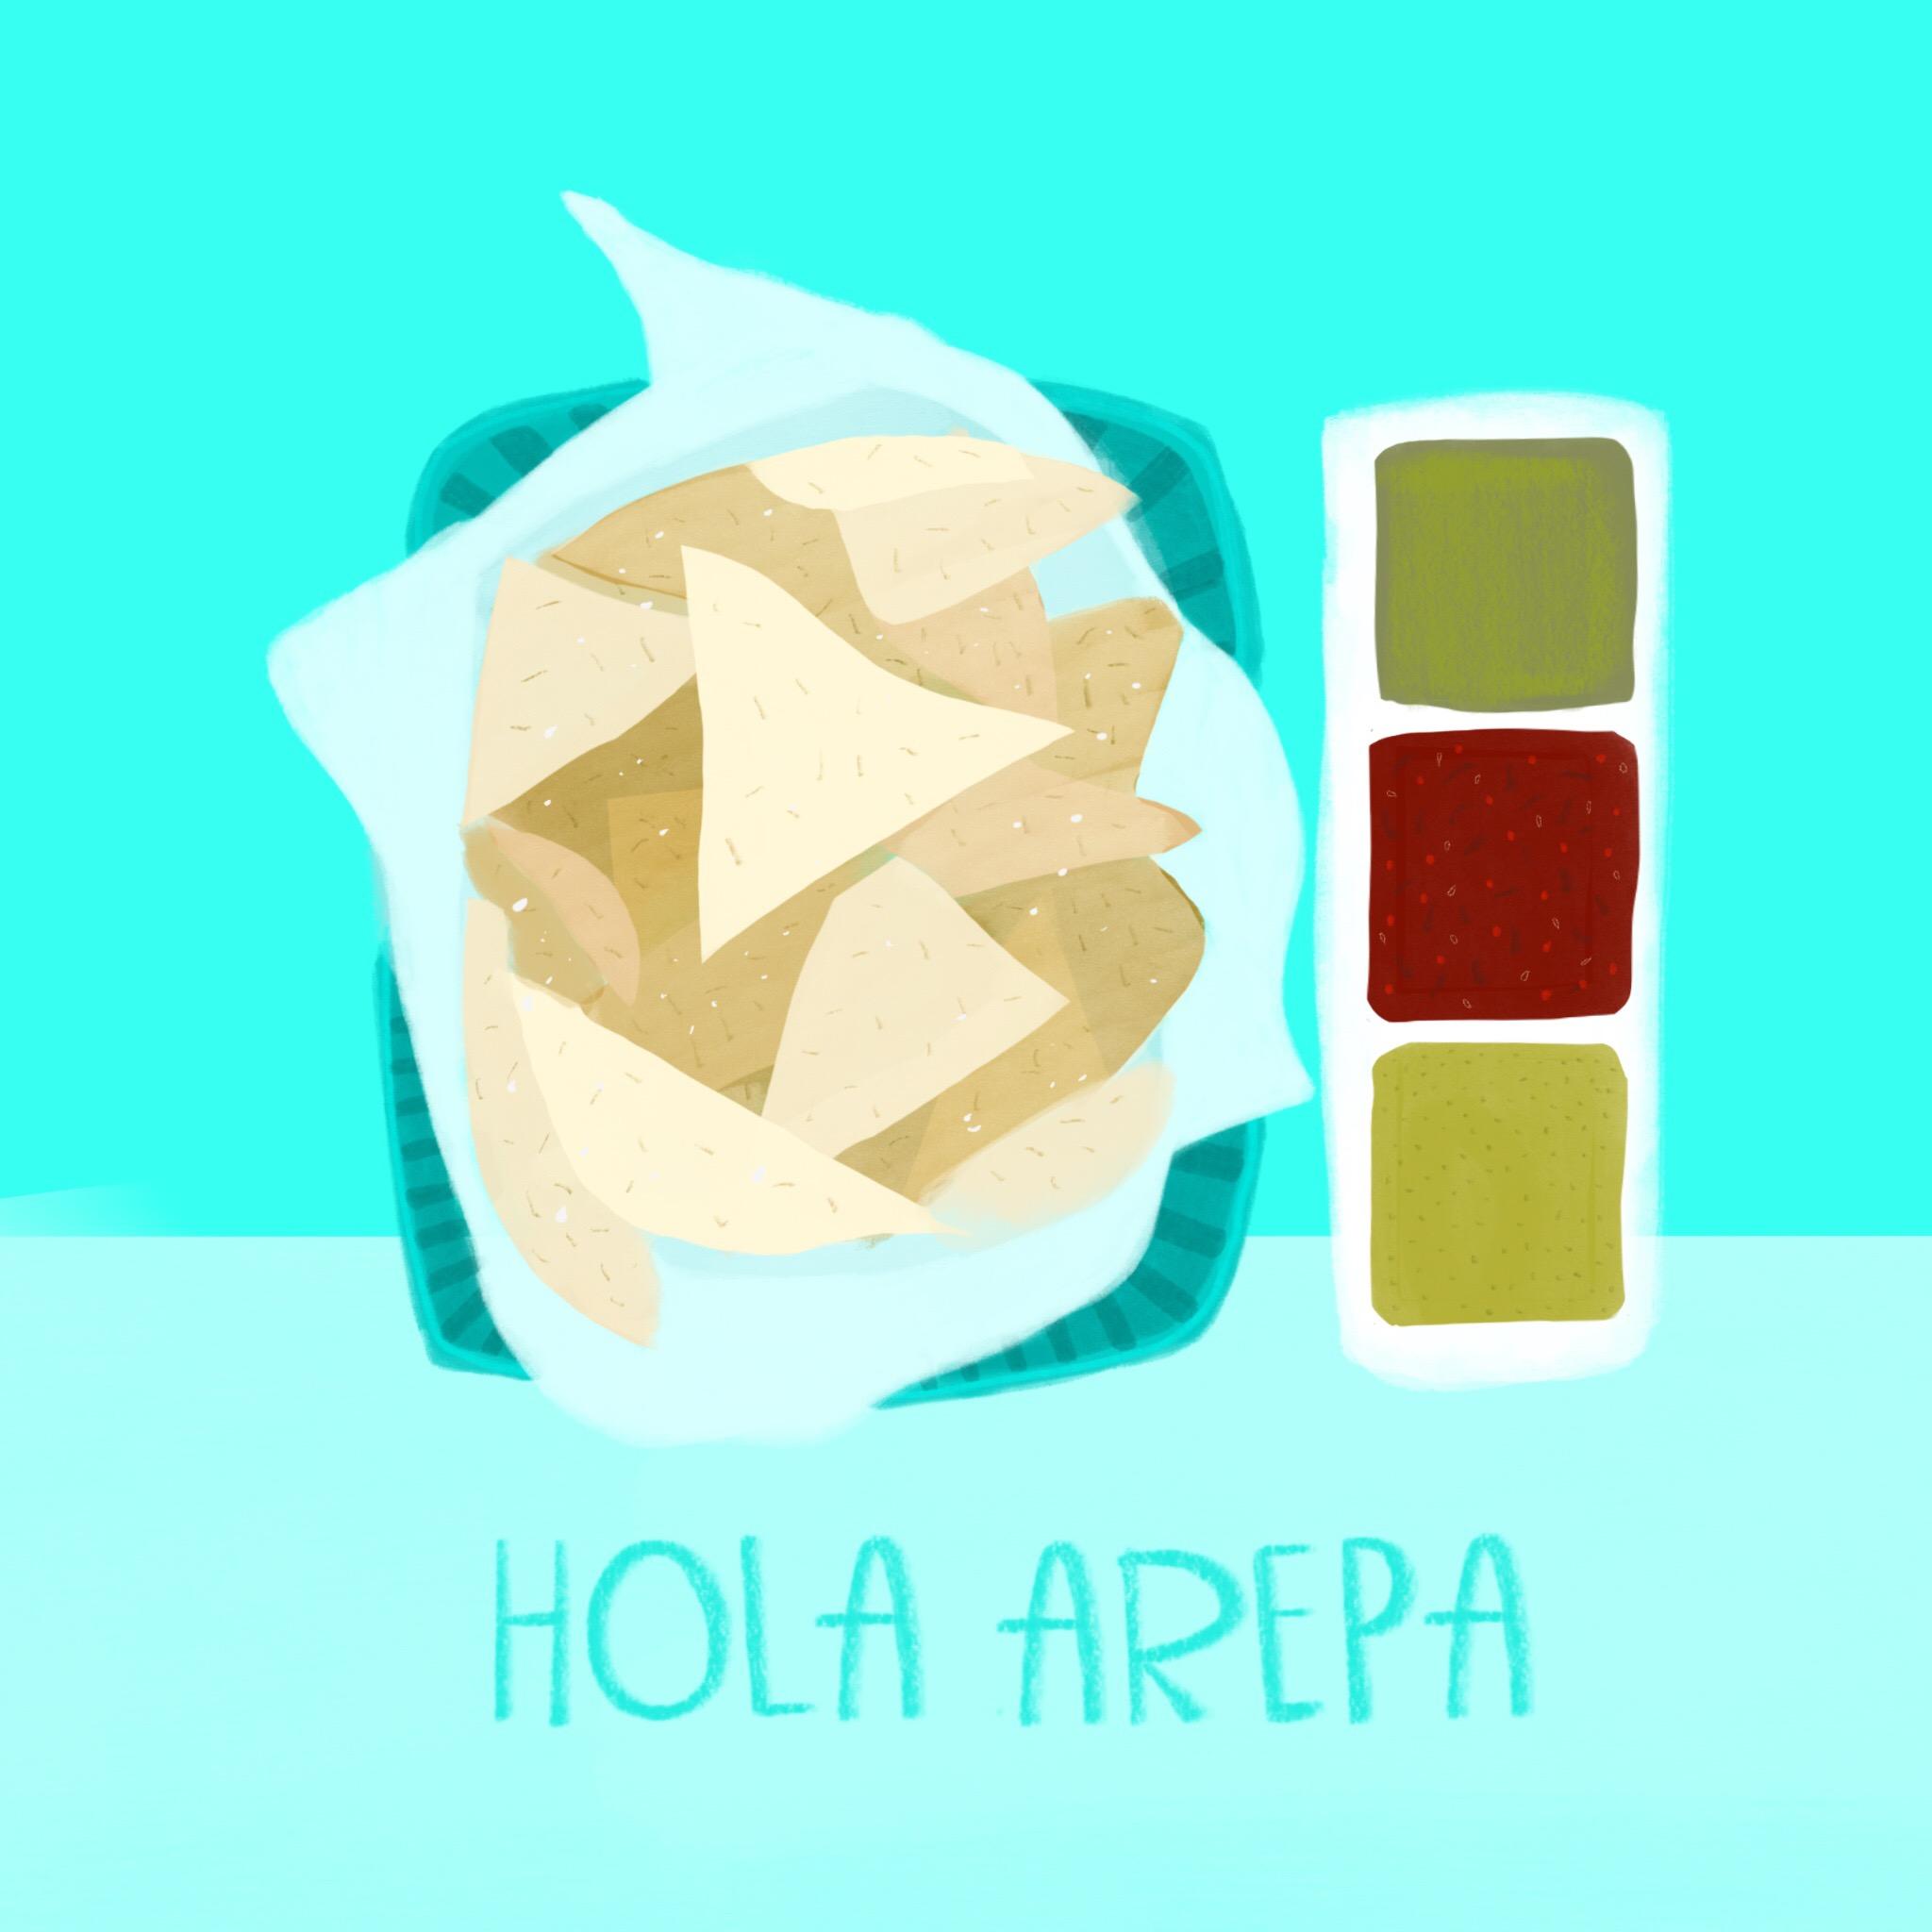 13_-_Hola_Arepa.jpg